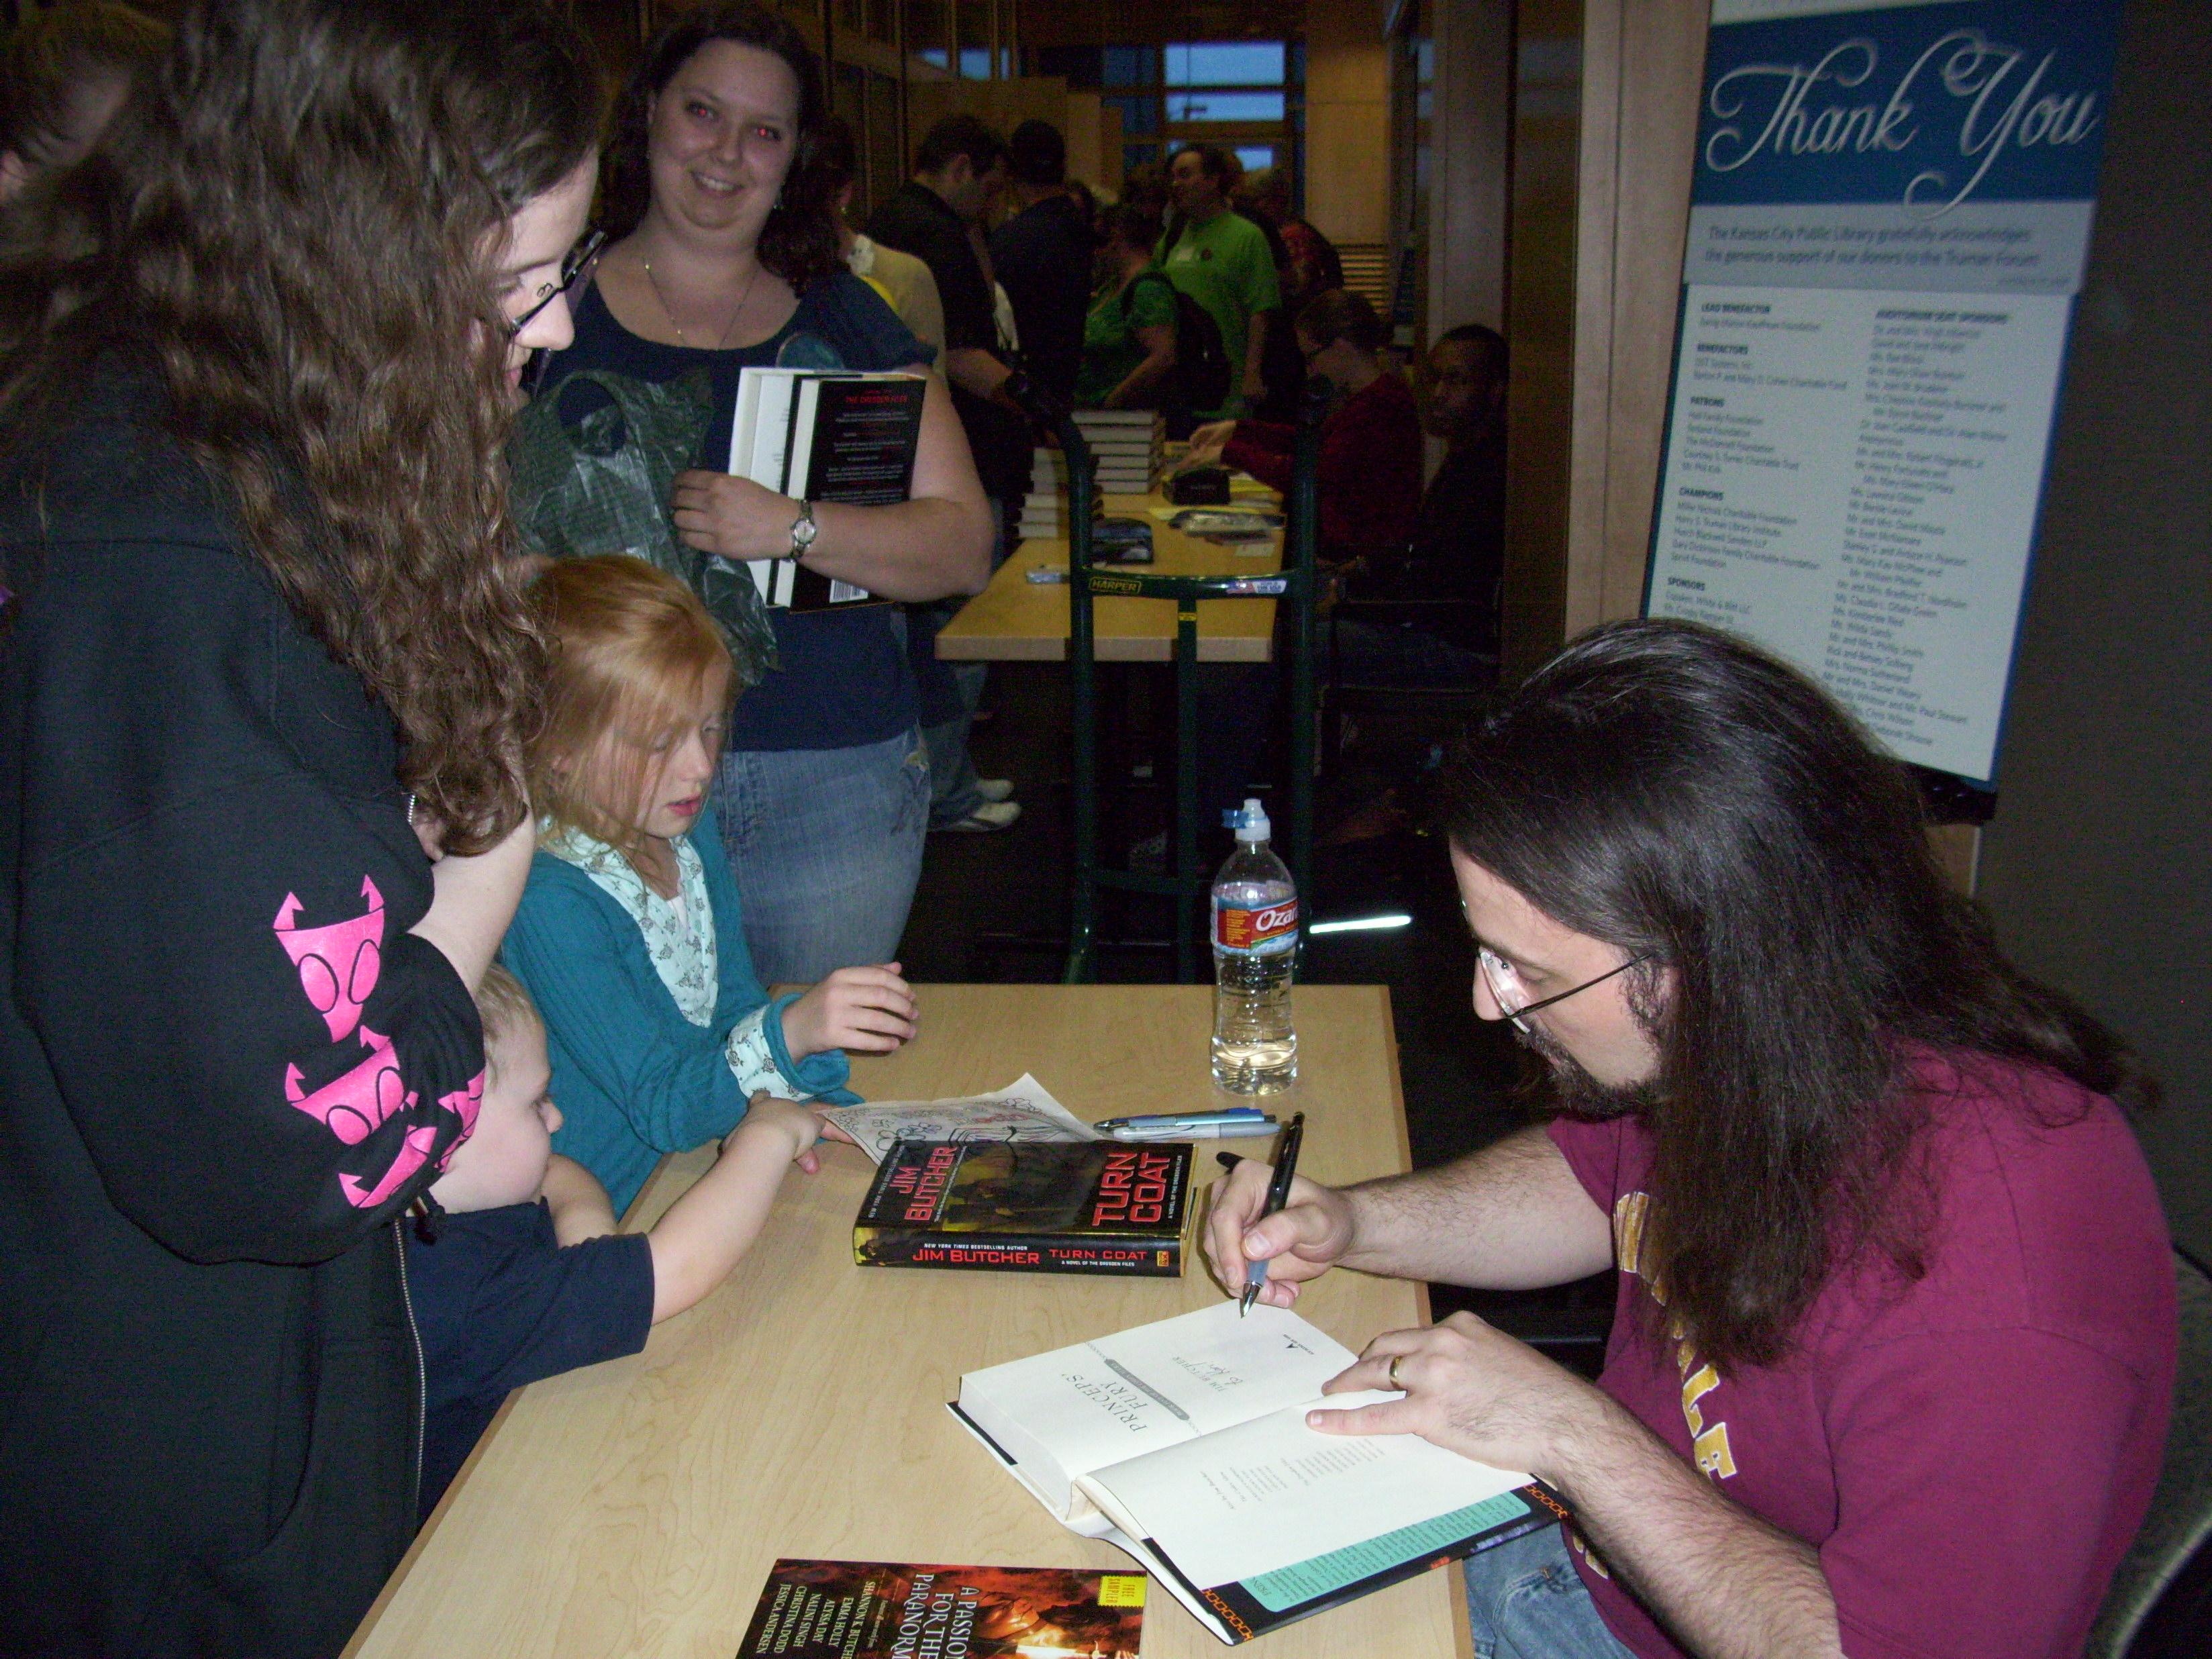 Kari gets her book signed